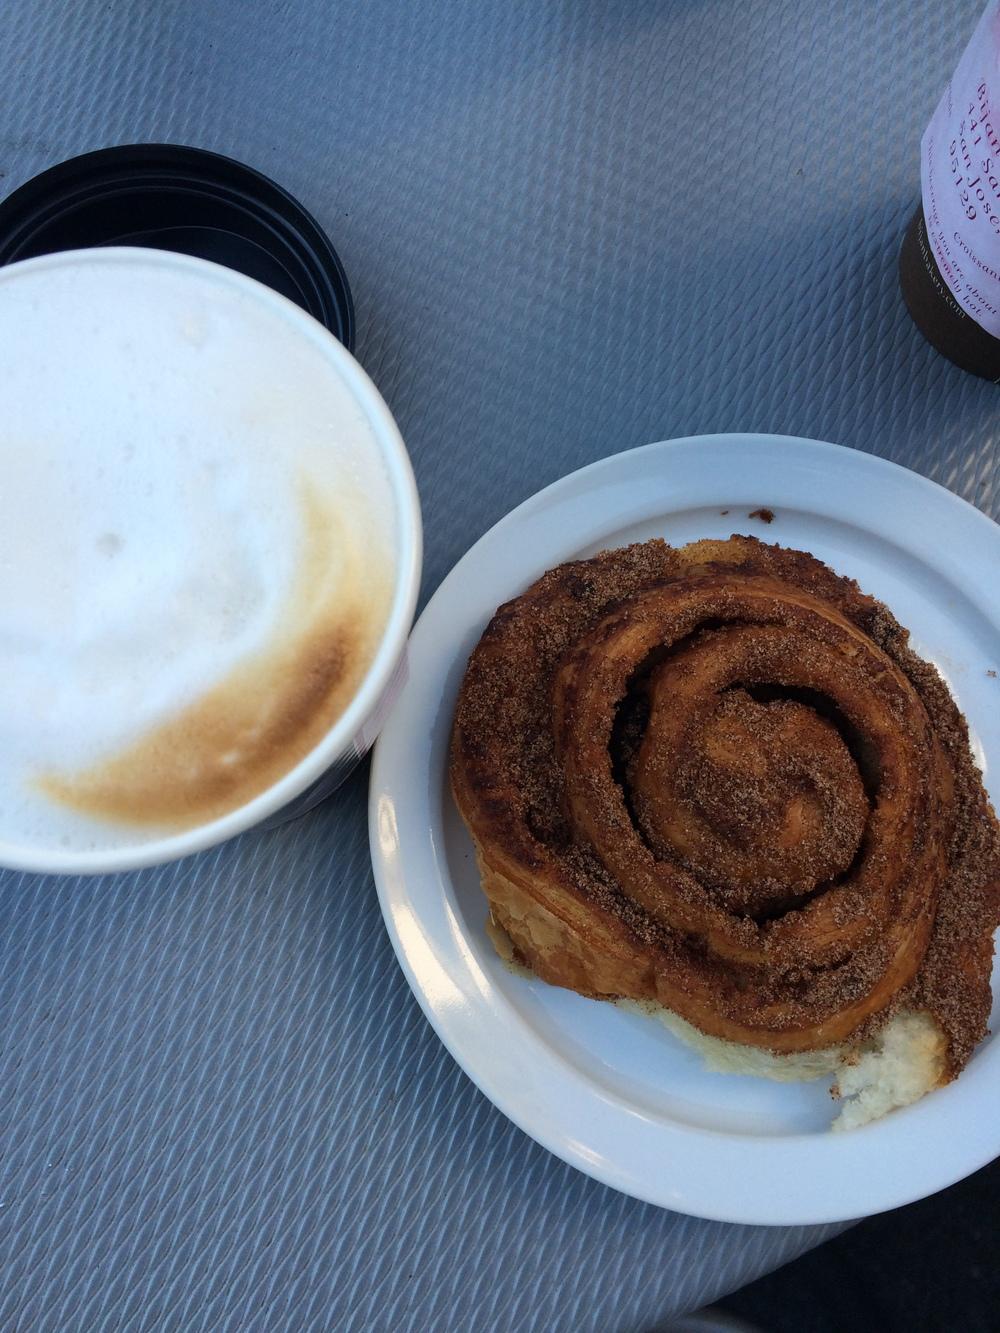 Cappuccino + cinnamon raisin swirl